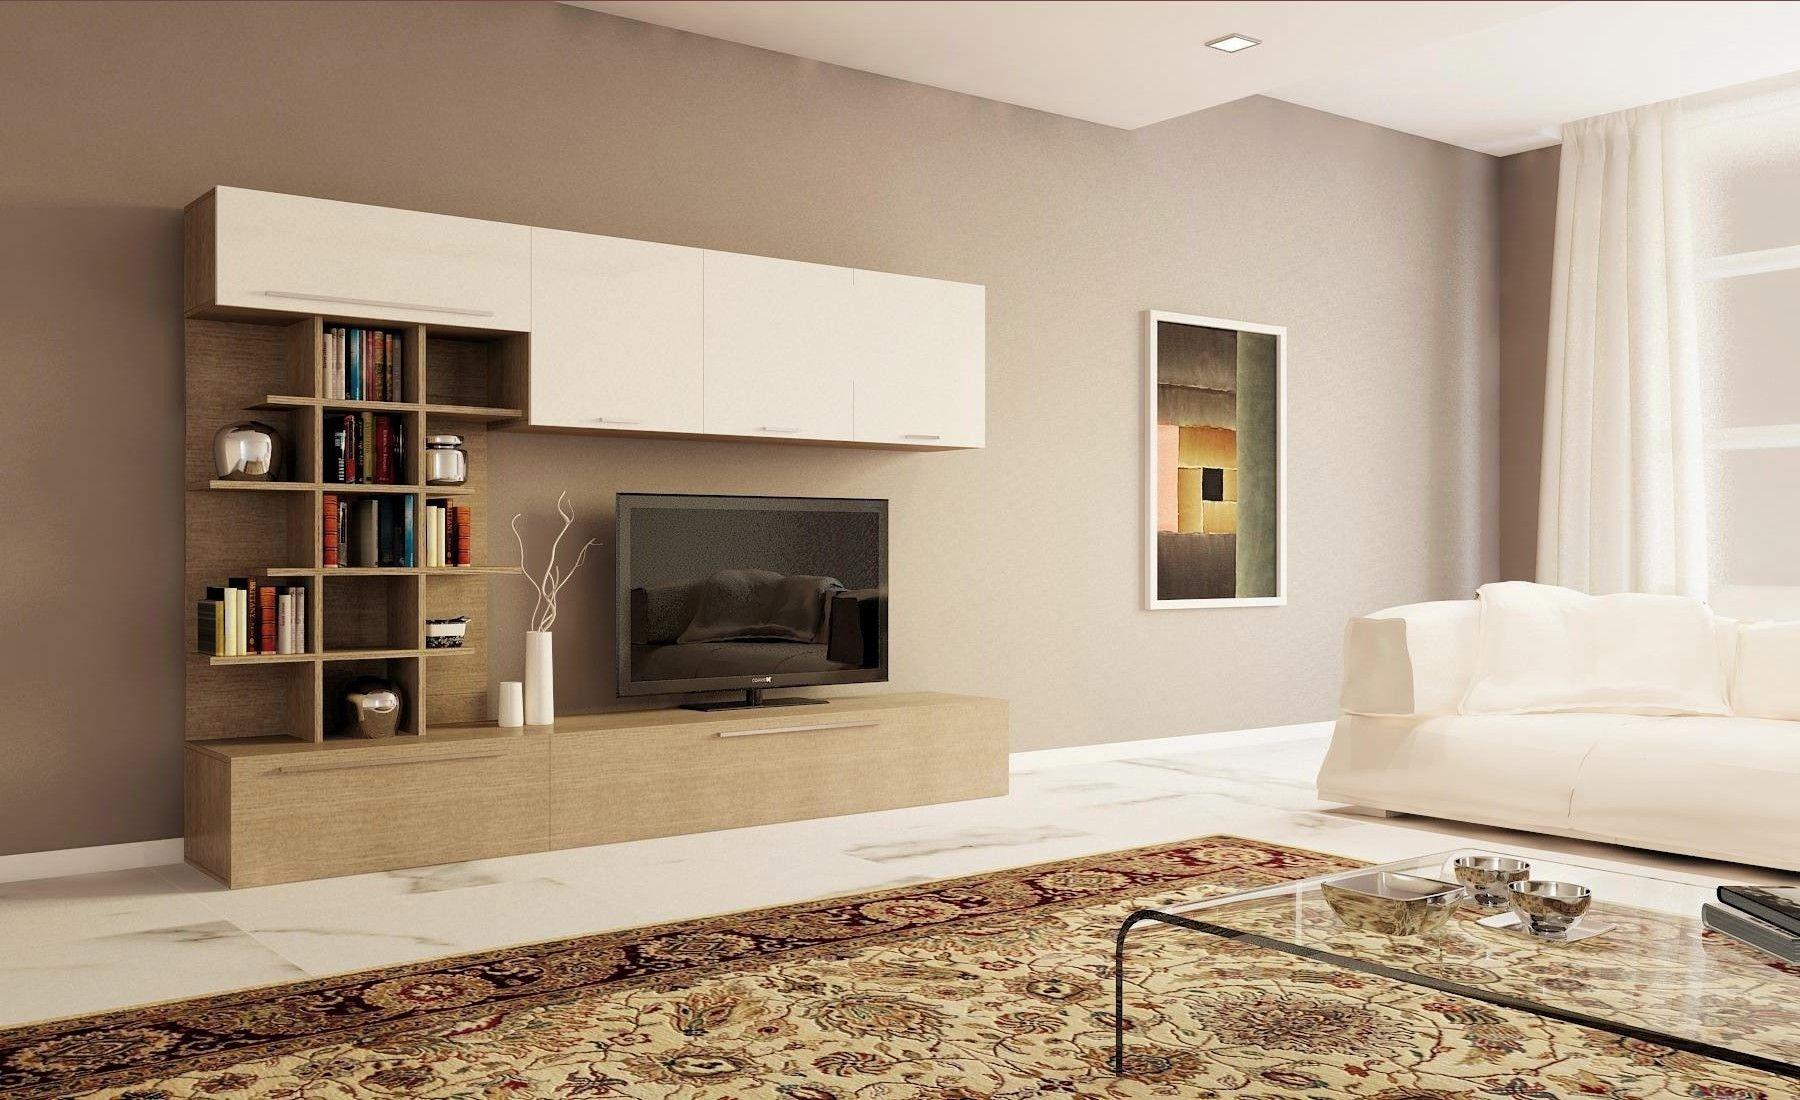 Parete soggiorno moderna con libreria design larice grigio e bianco ...